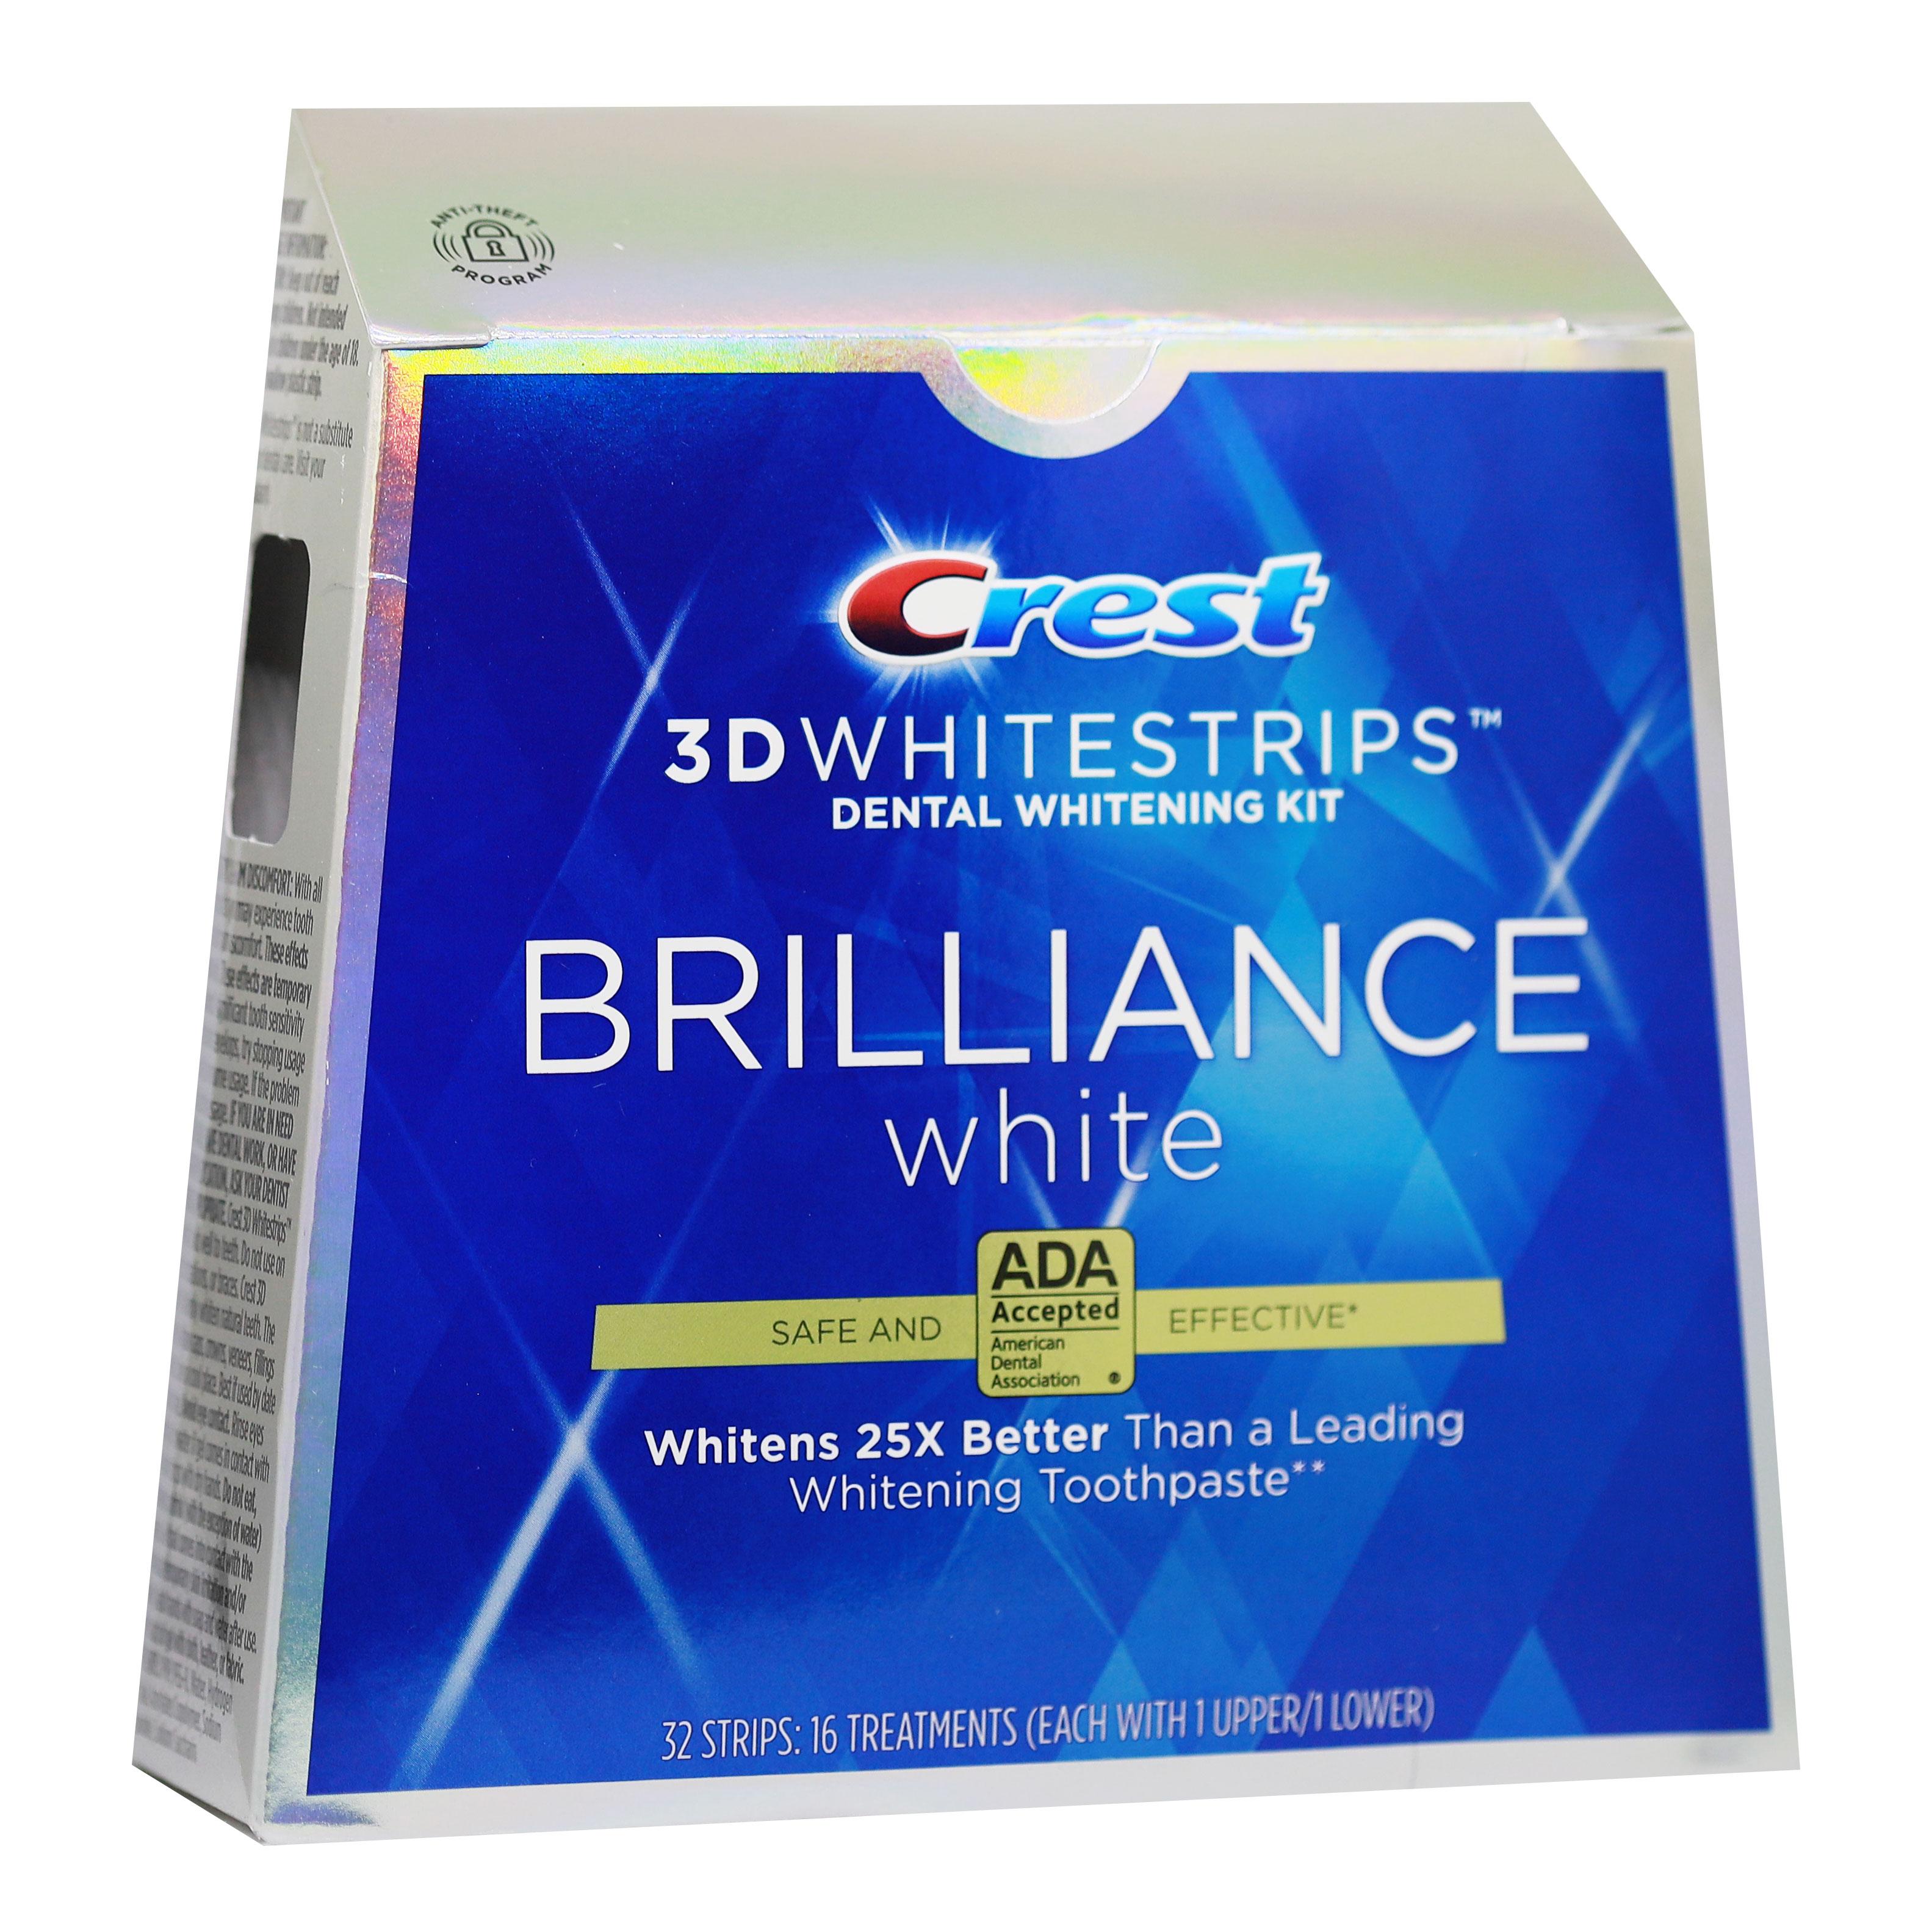 Bieliace pásiky s najvyšším stupňom bielenia 5 s hviezdičkou. Používajú sa 14 dní, každý deň na 30 minút.